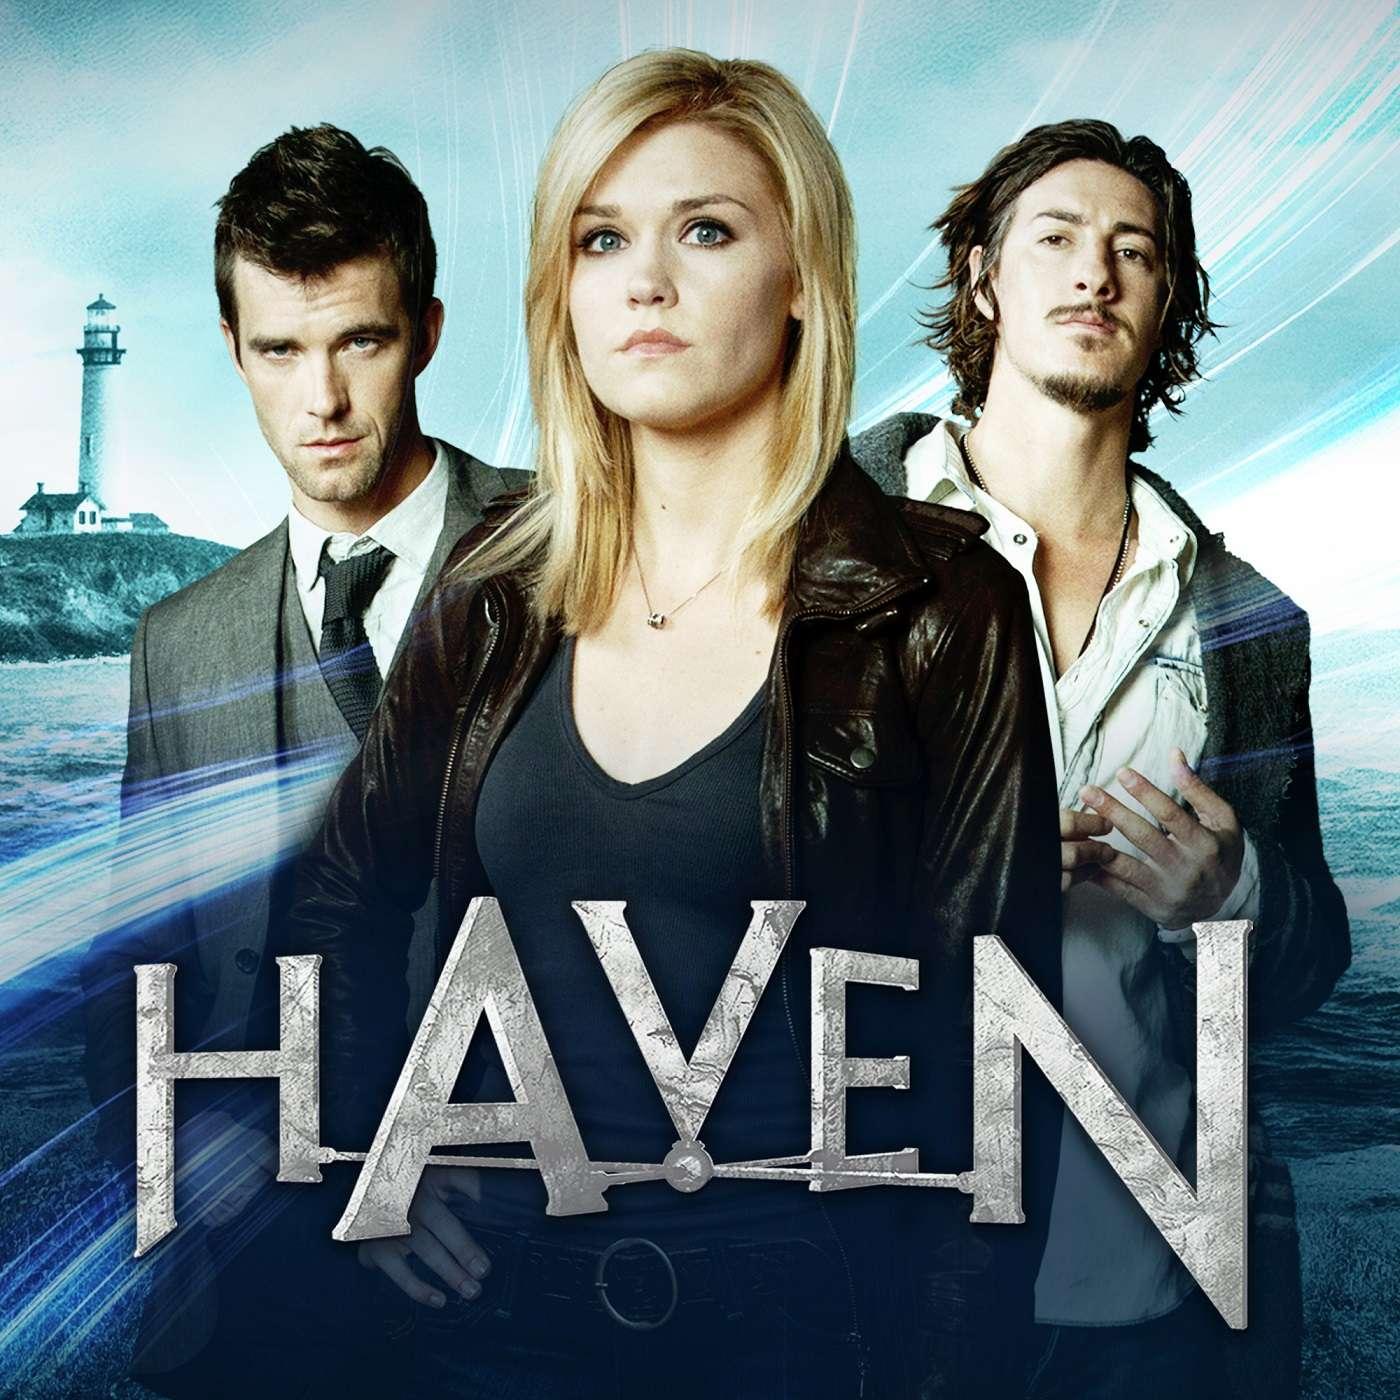 Haven S04 720p 1080p WEB.DL | S04E01-E13